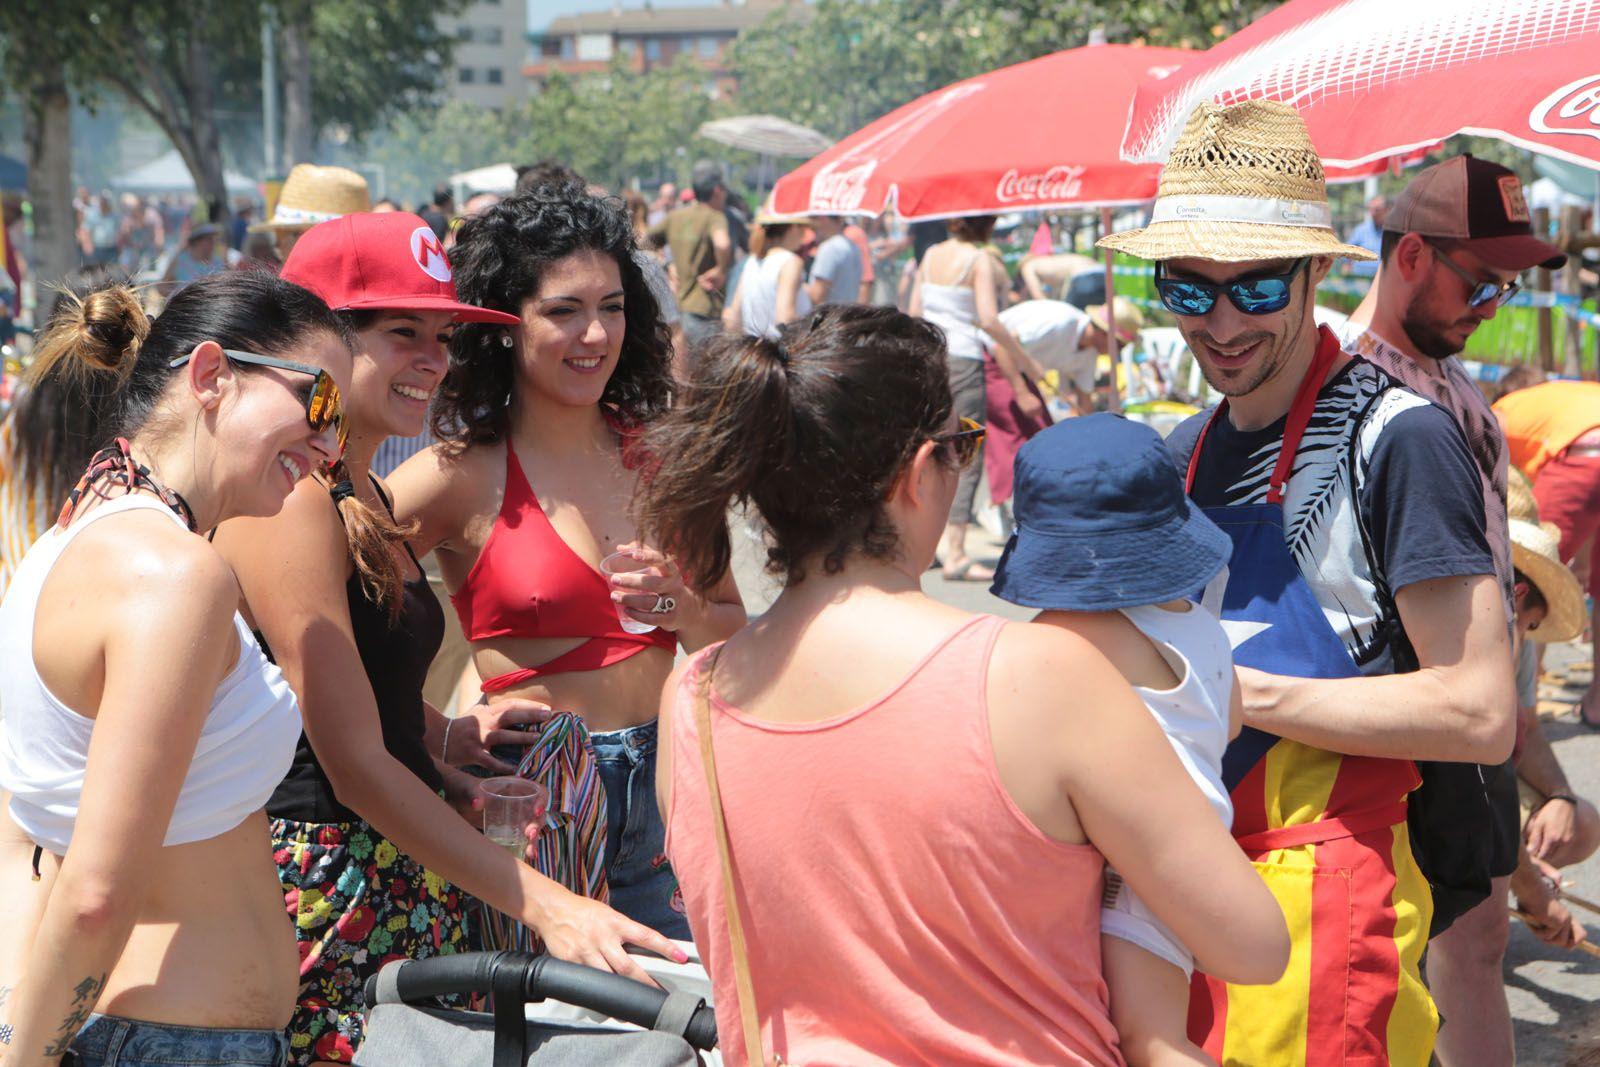 Concurs d'arrossos de Festa Major 2018 FOTO: Artur Ribera